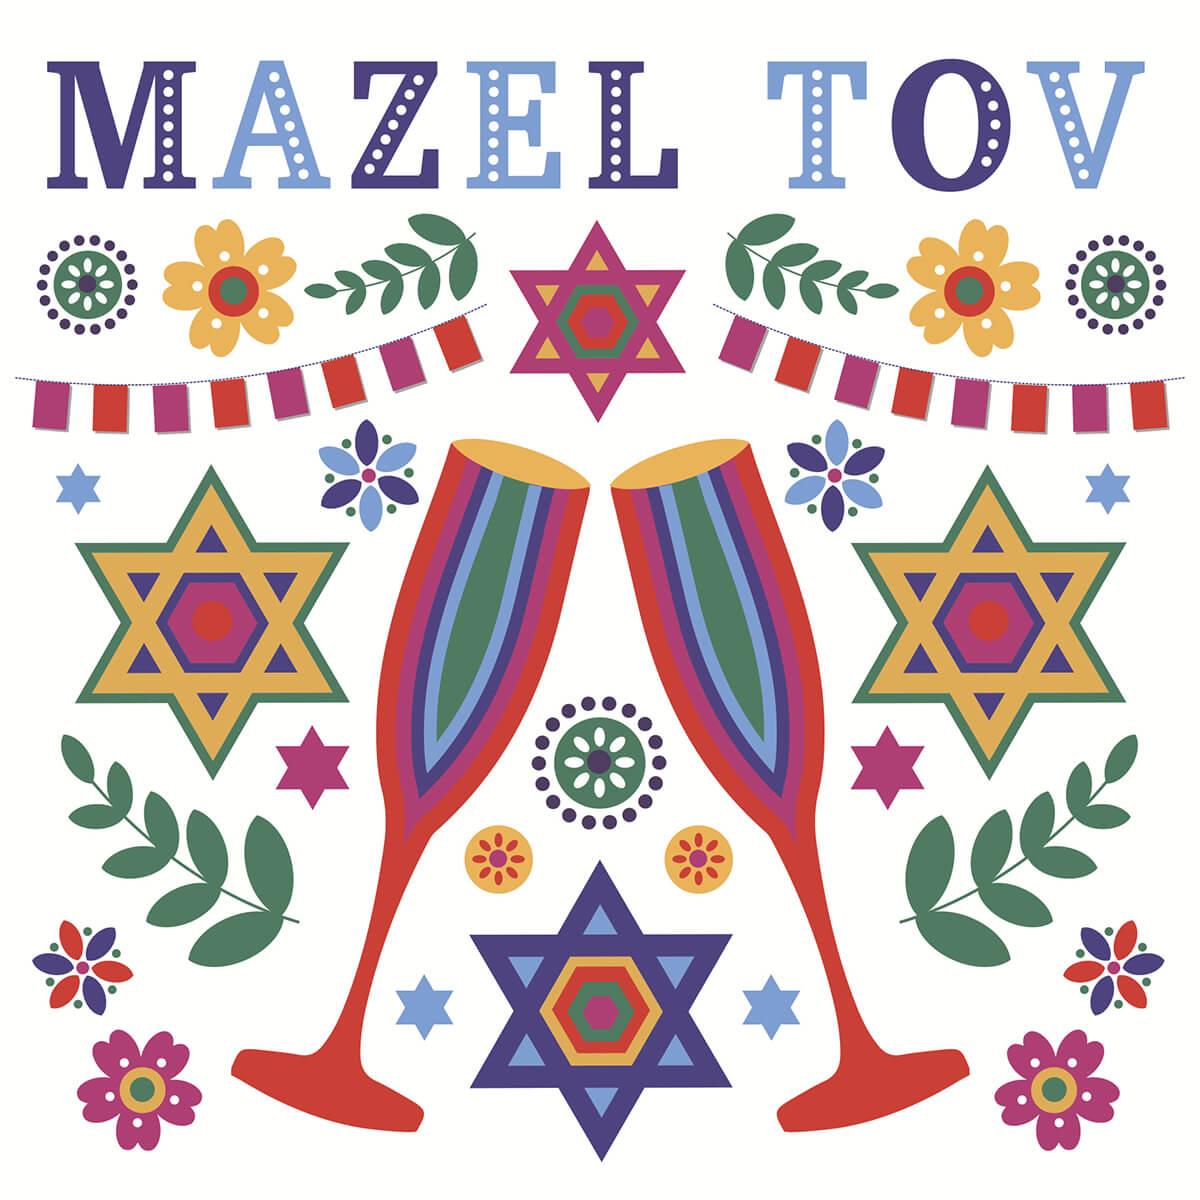 отношения поздравления иврите переводом выдержка